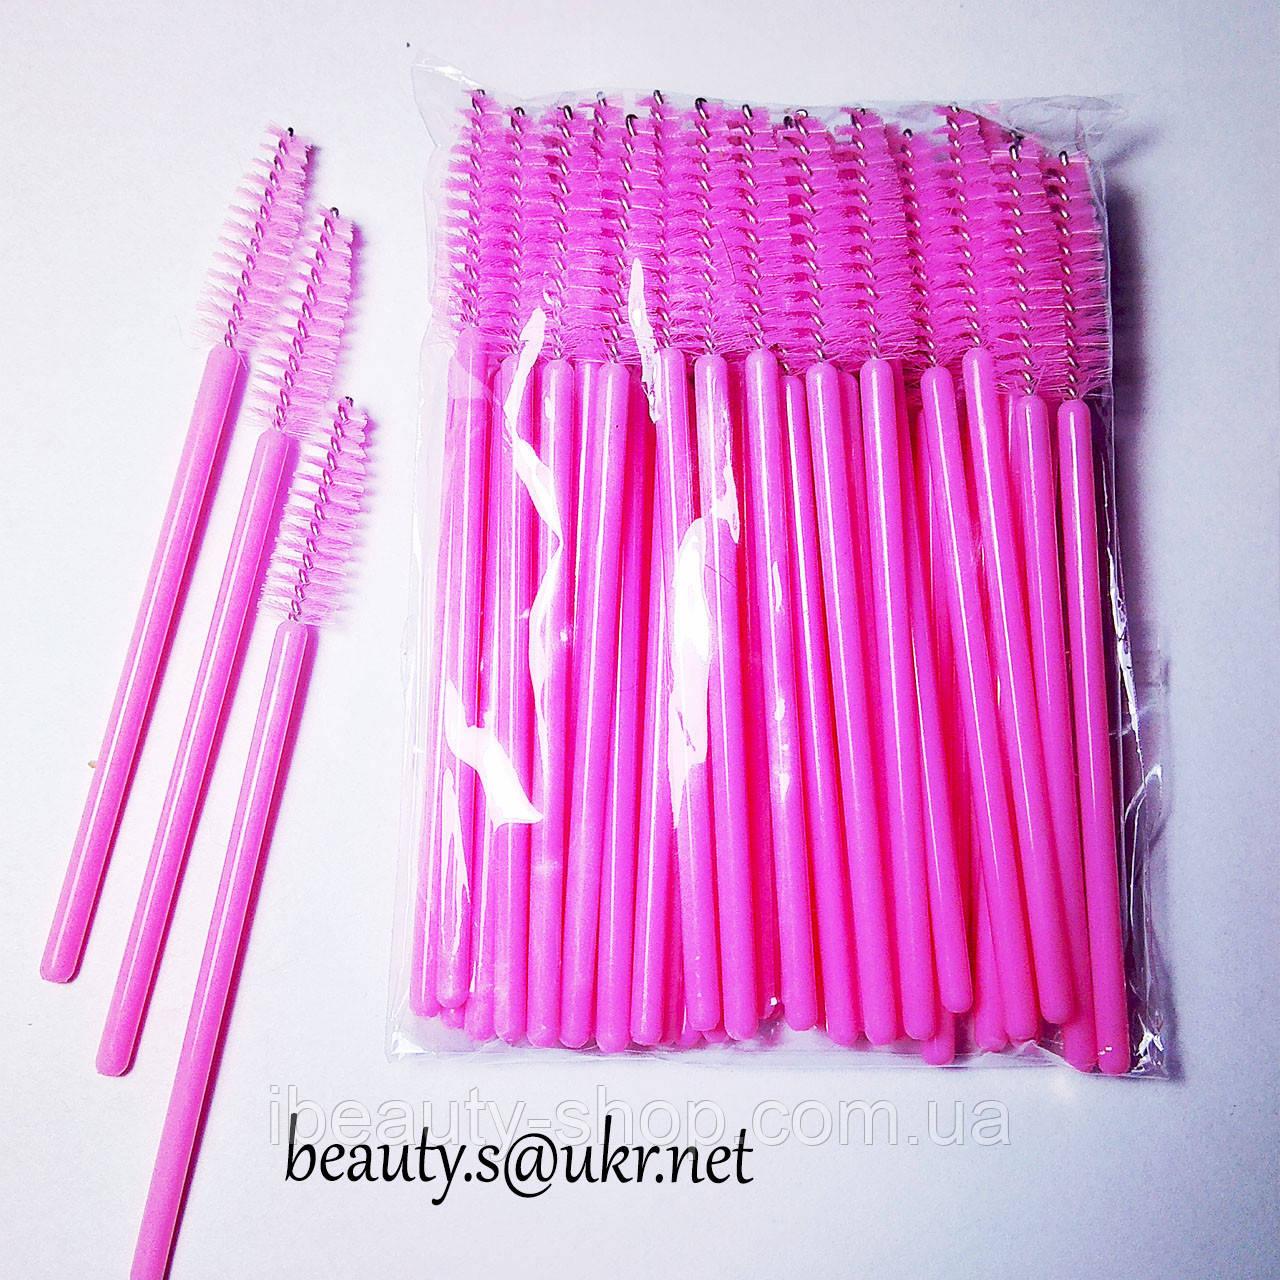 Щетка нейлоновая, розовая, для ресниц и бровей